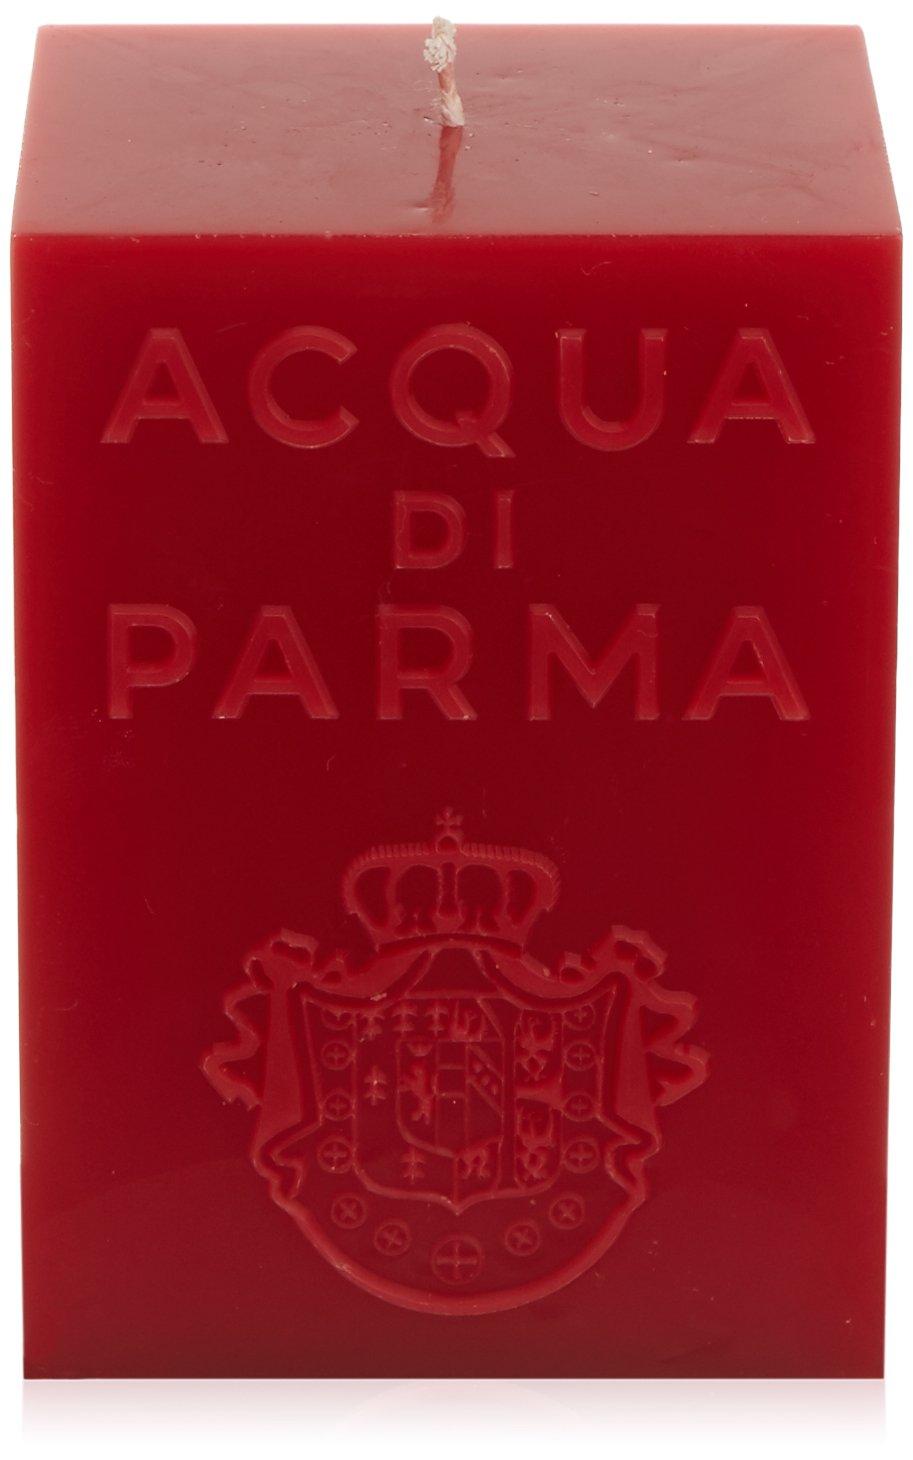 Acqua Di Parma Perfumed Candle Red Cube Net Wt. 34.7 Oz